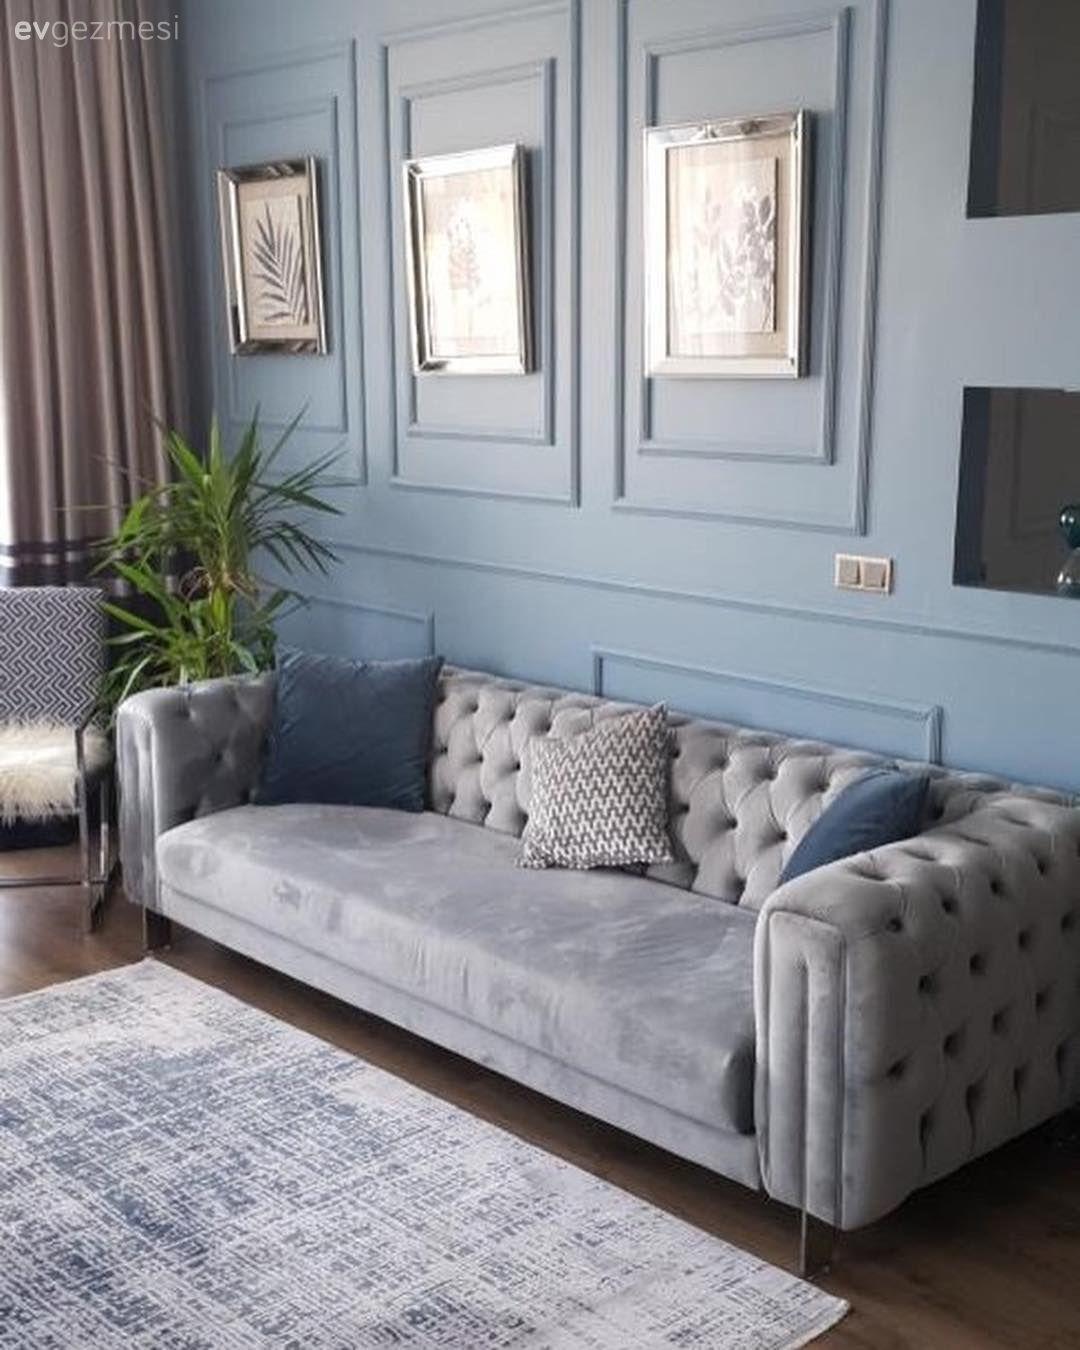 Bu Evin Serin Renkleri Sik Dekorasyona Taze Bir Nefes Katiyor Ev Gezmesi Oturma Odasi Takimlari Oturma Odasi Tasarimlari Oturma Odasi Fikirleri